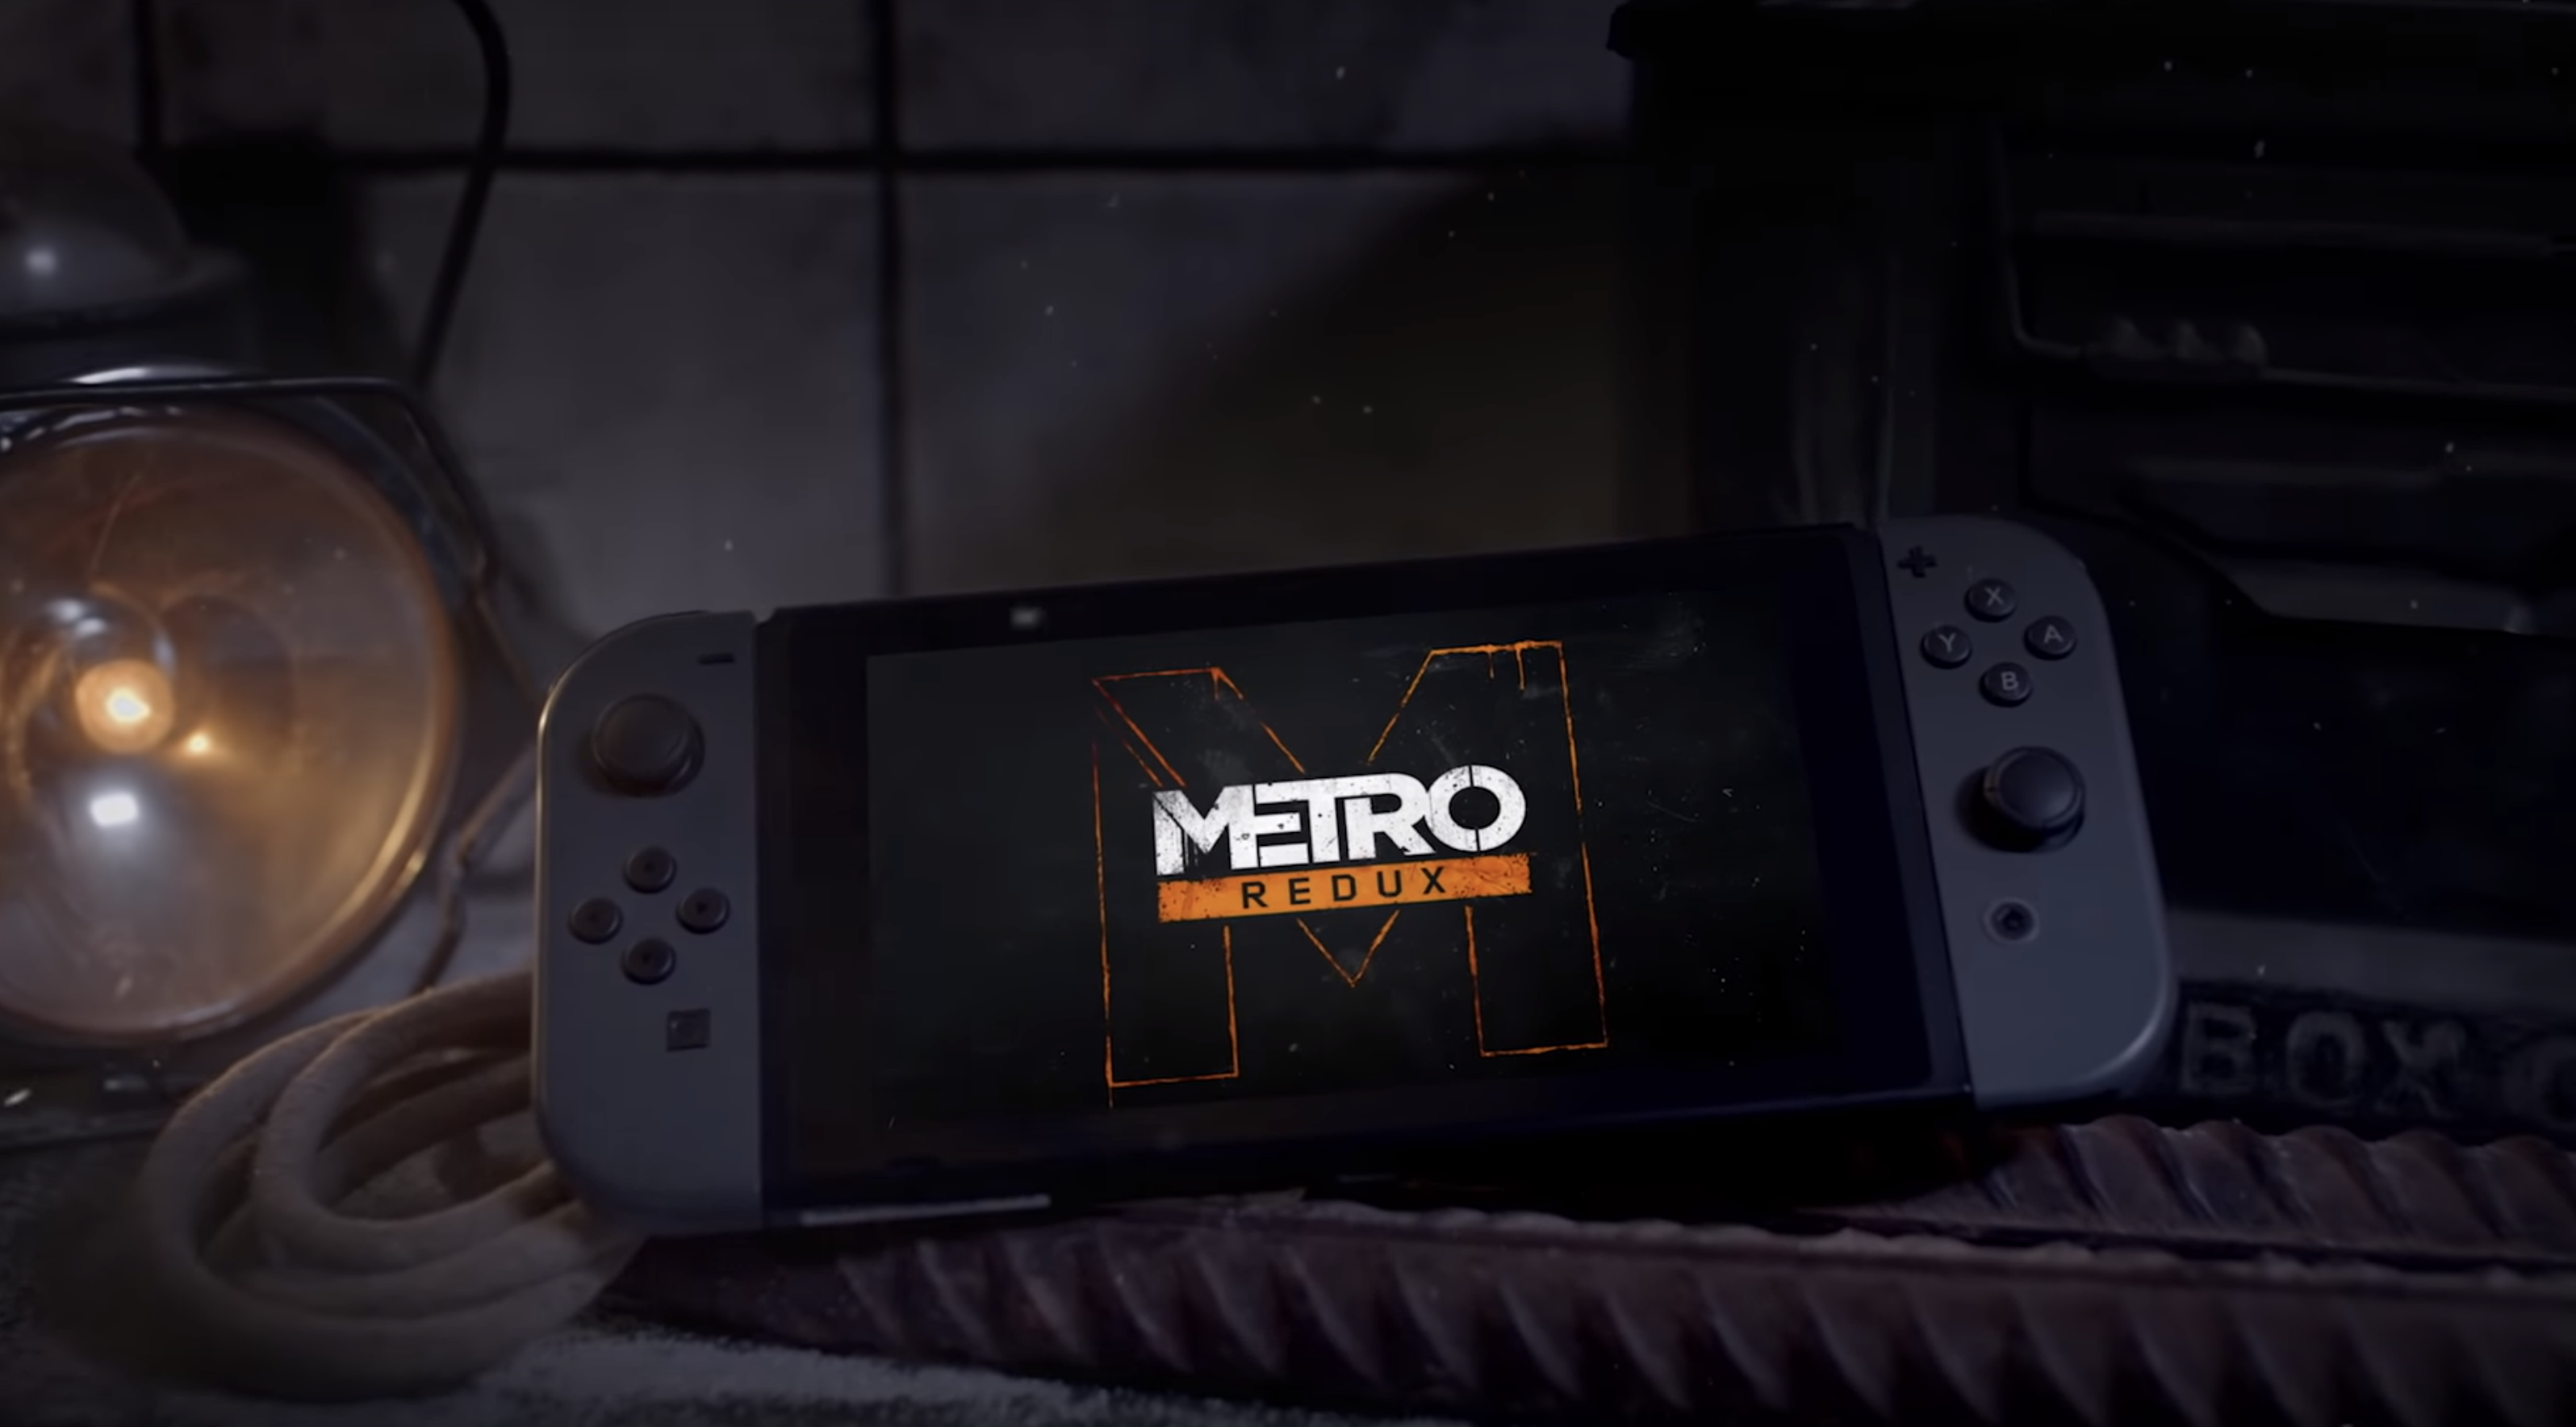 Metro 2033 Switch